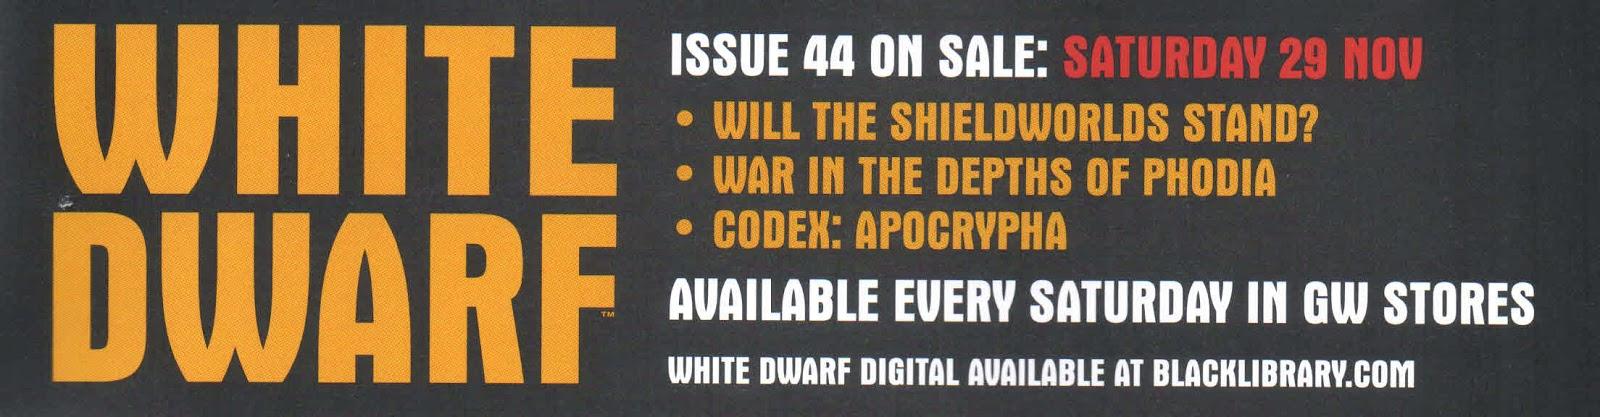 Adelanto de la White Dwarf Weekly 44